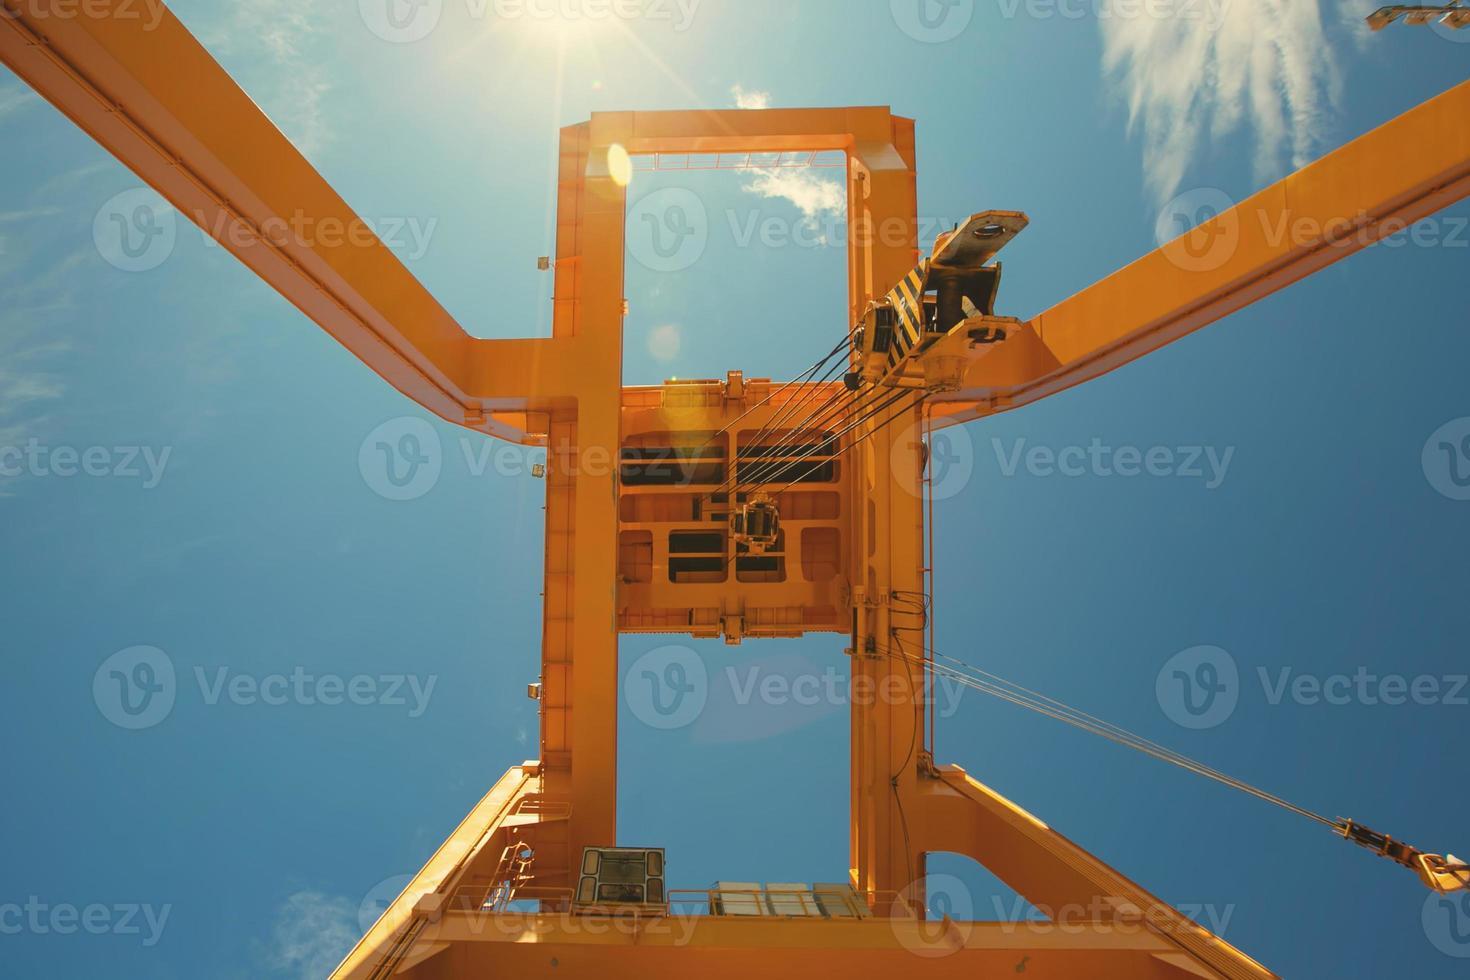 Baukran für Brückenbau auf blauem Himmel Hintergrund foto